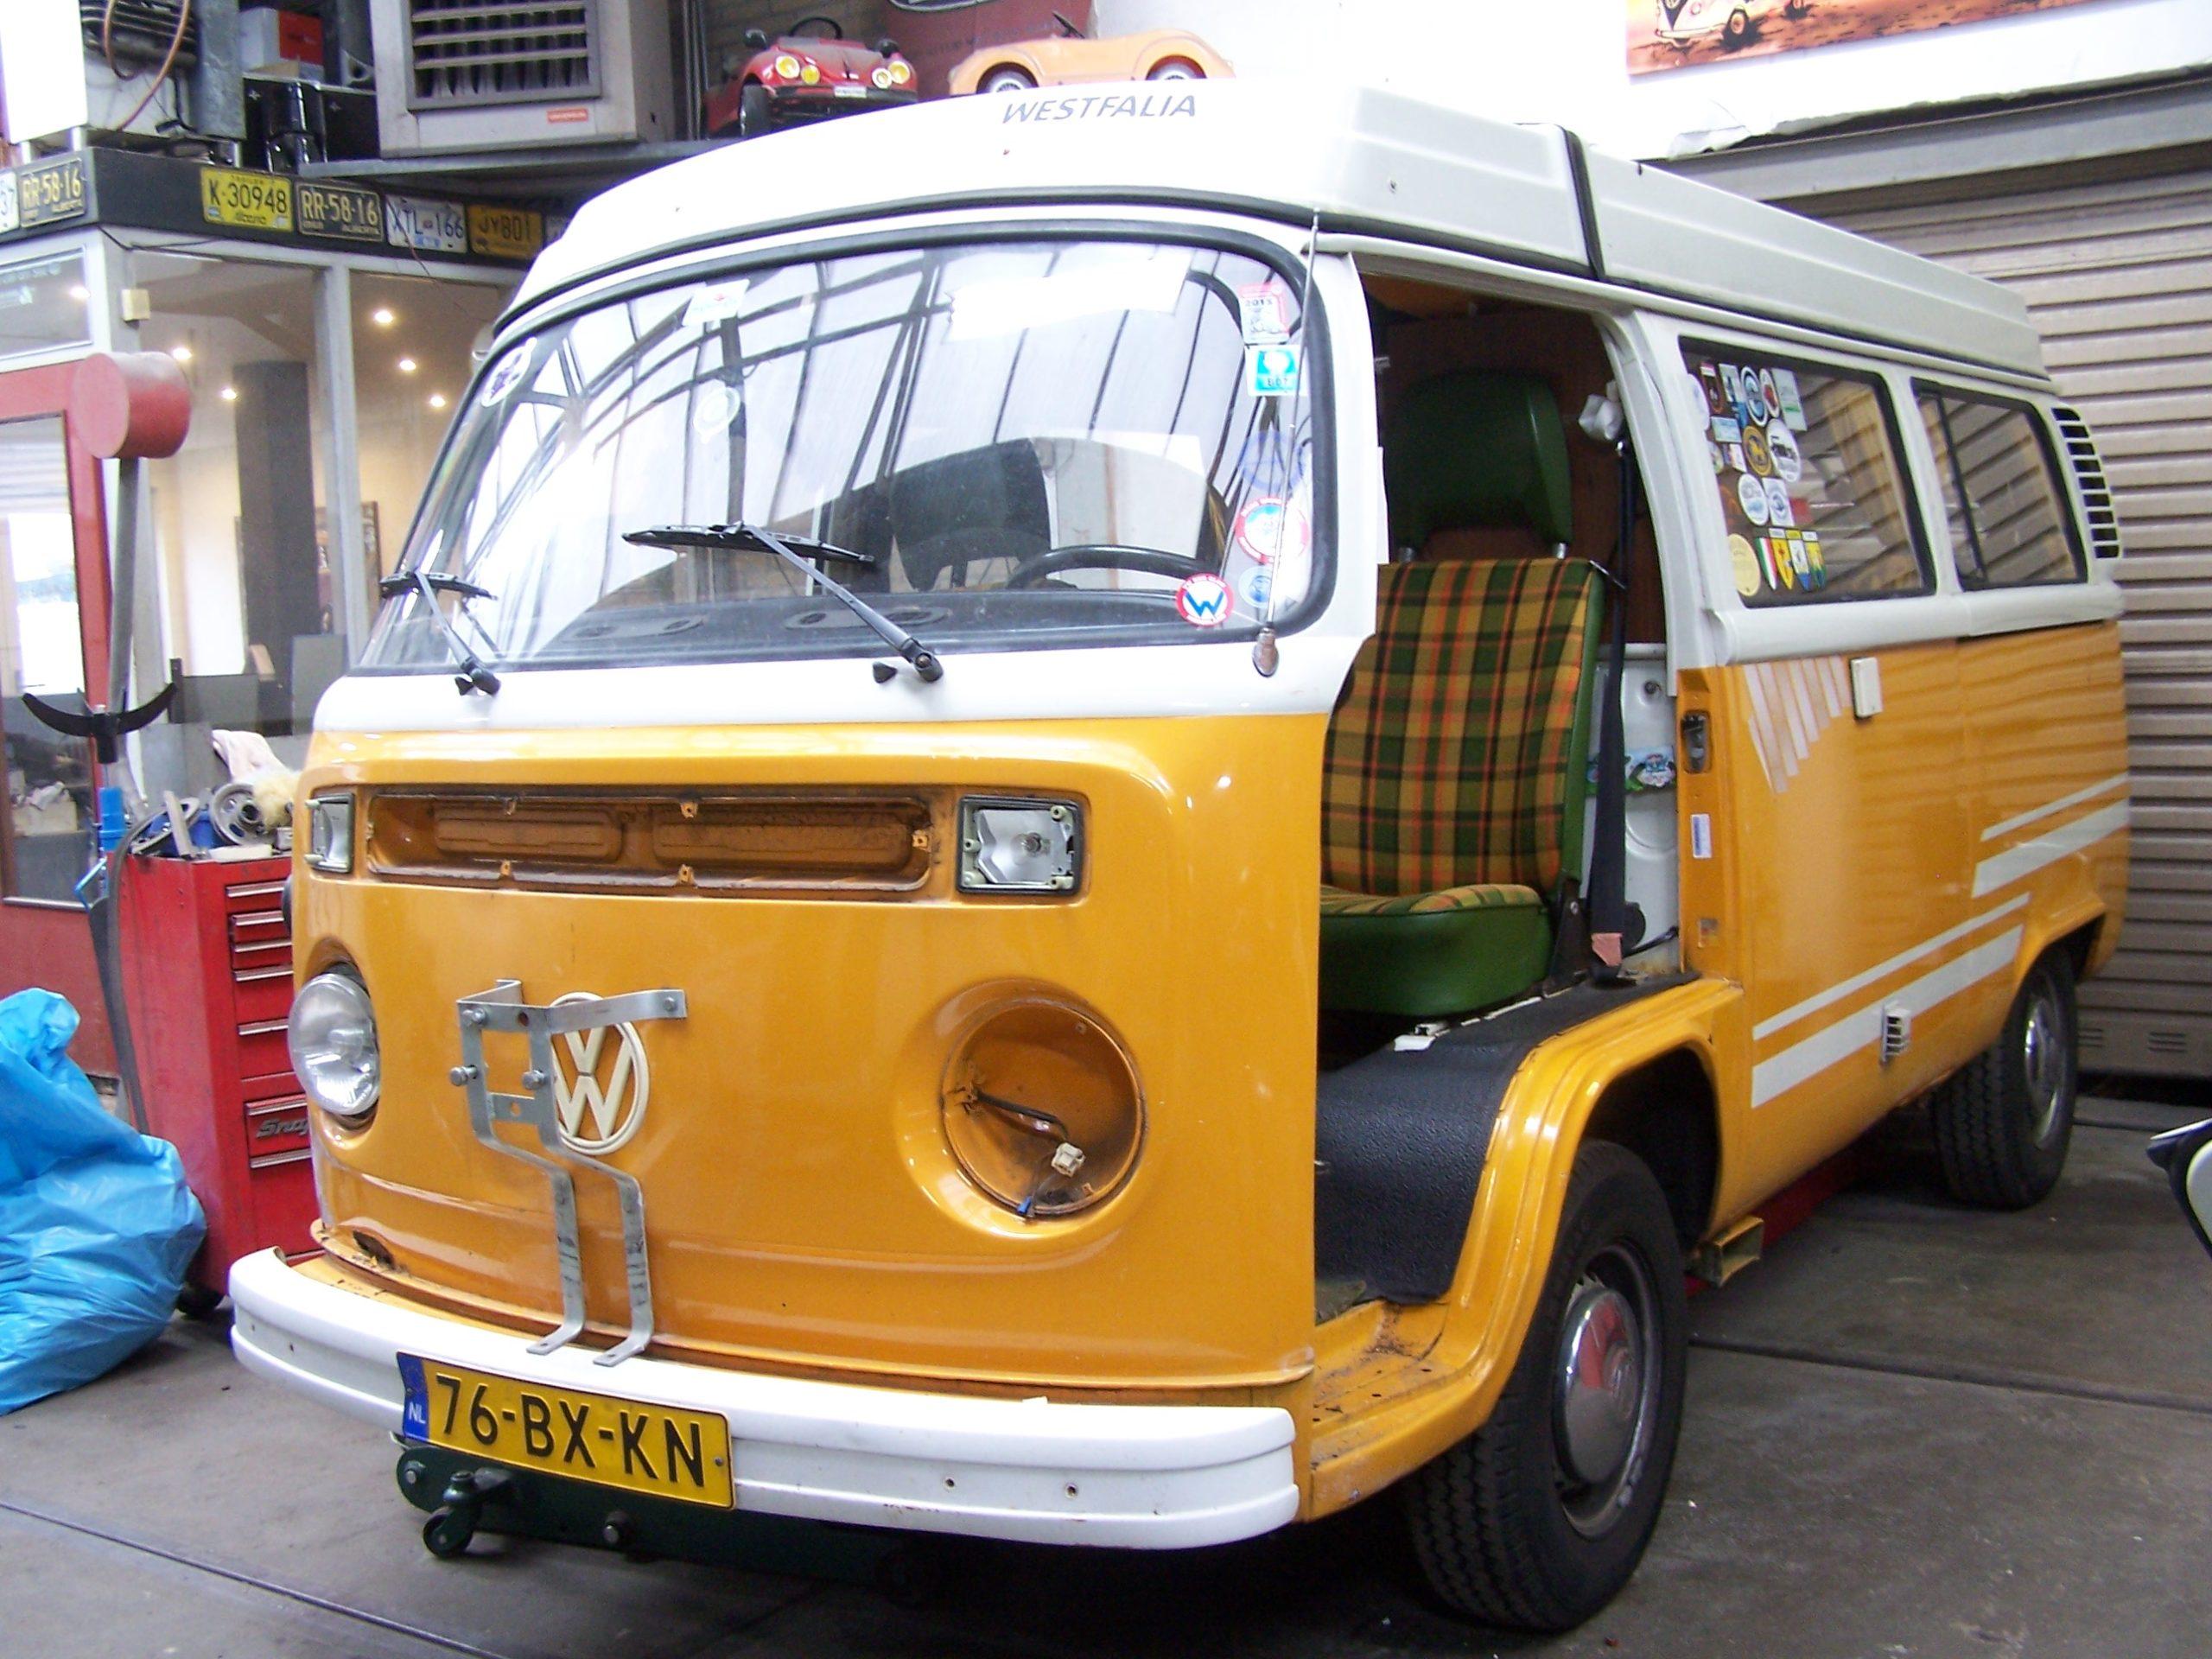 VW T2B Westaflia